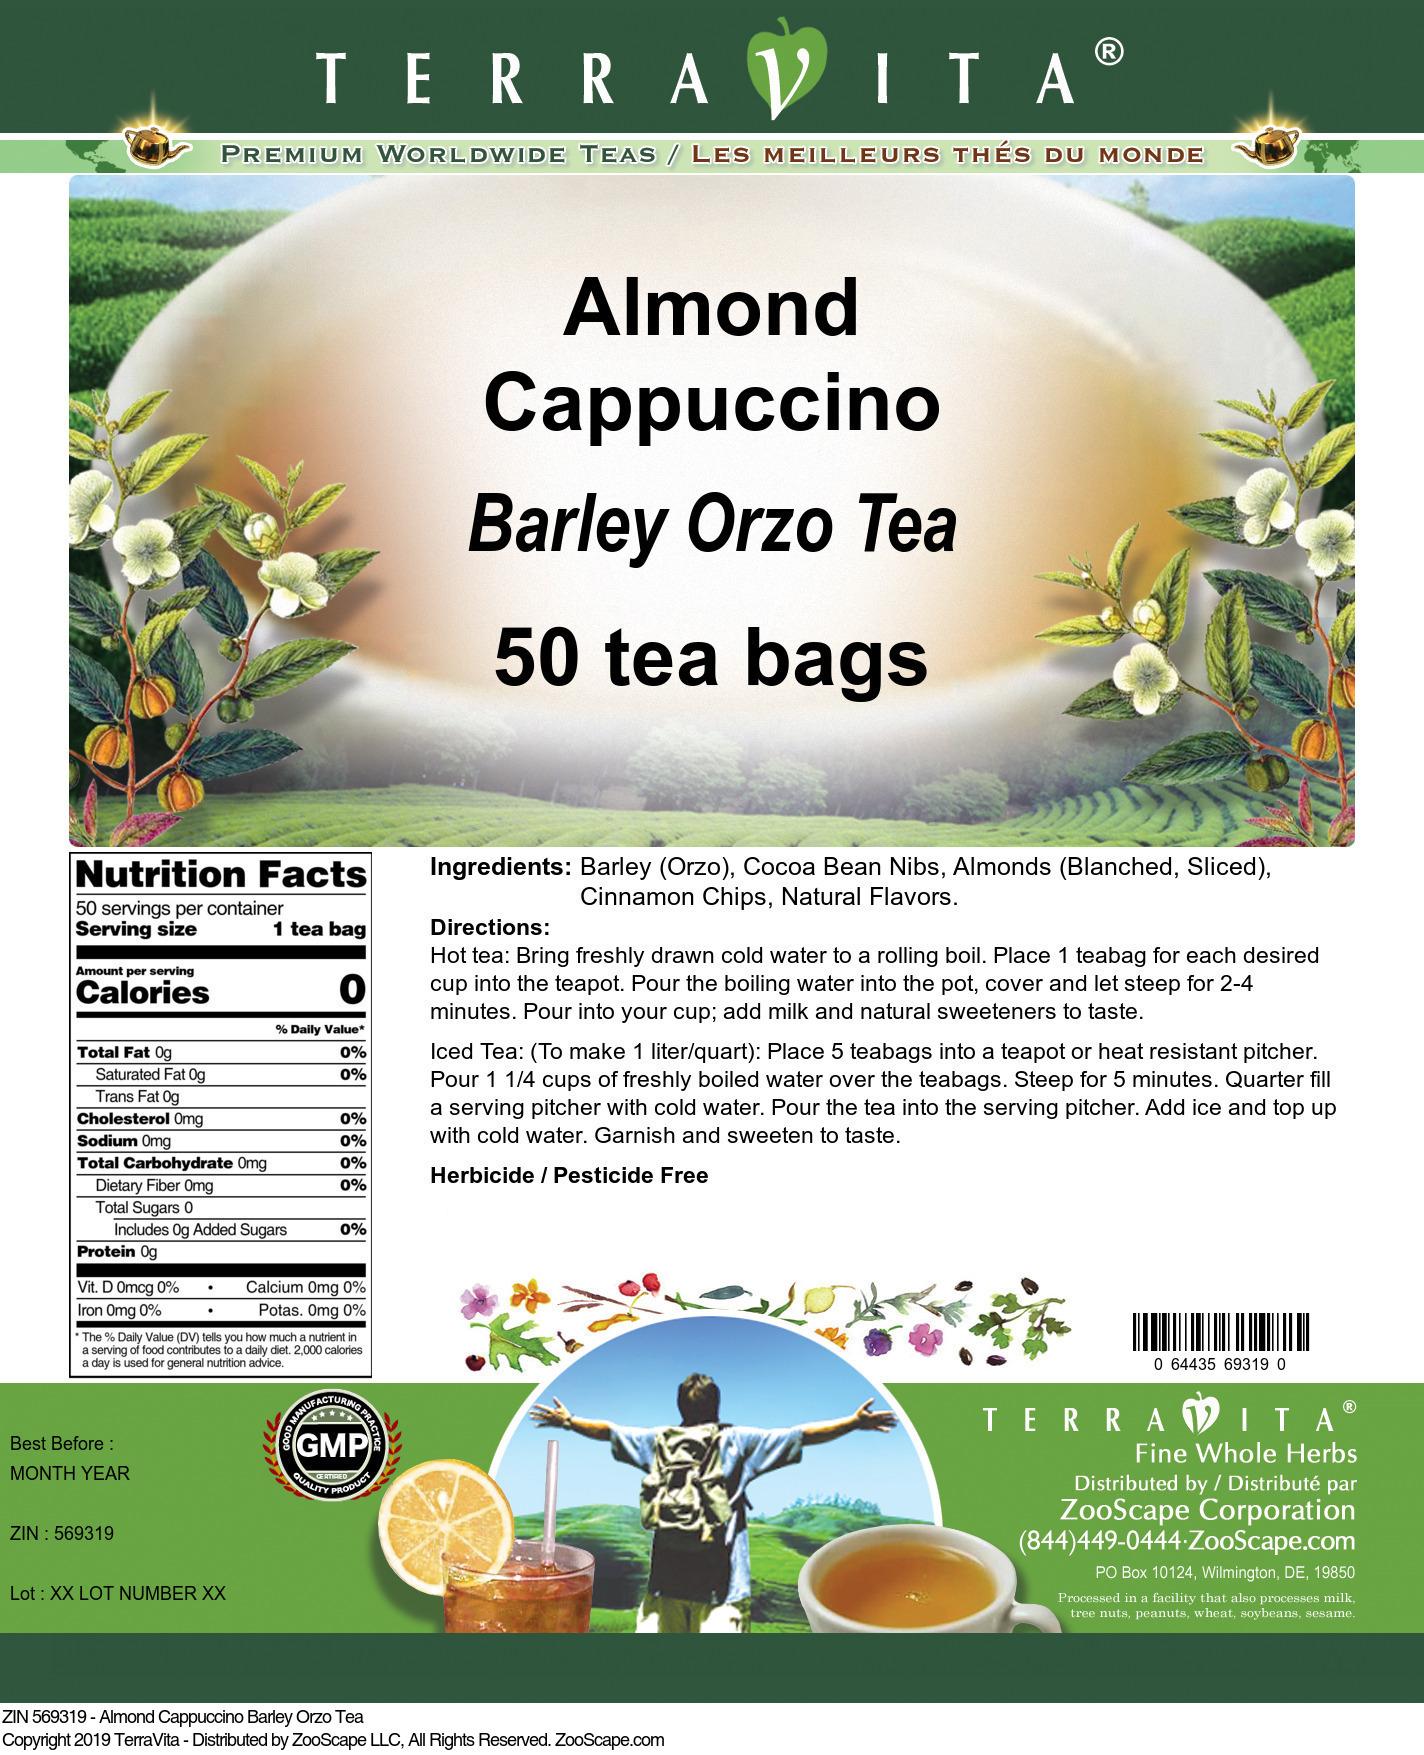 Almond Cappuccino Barley Orzo Tea